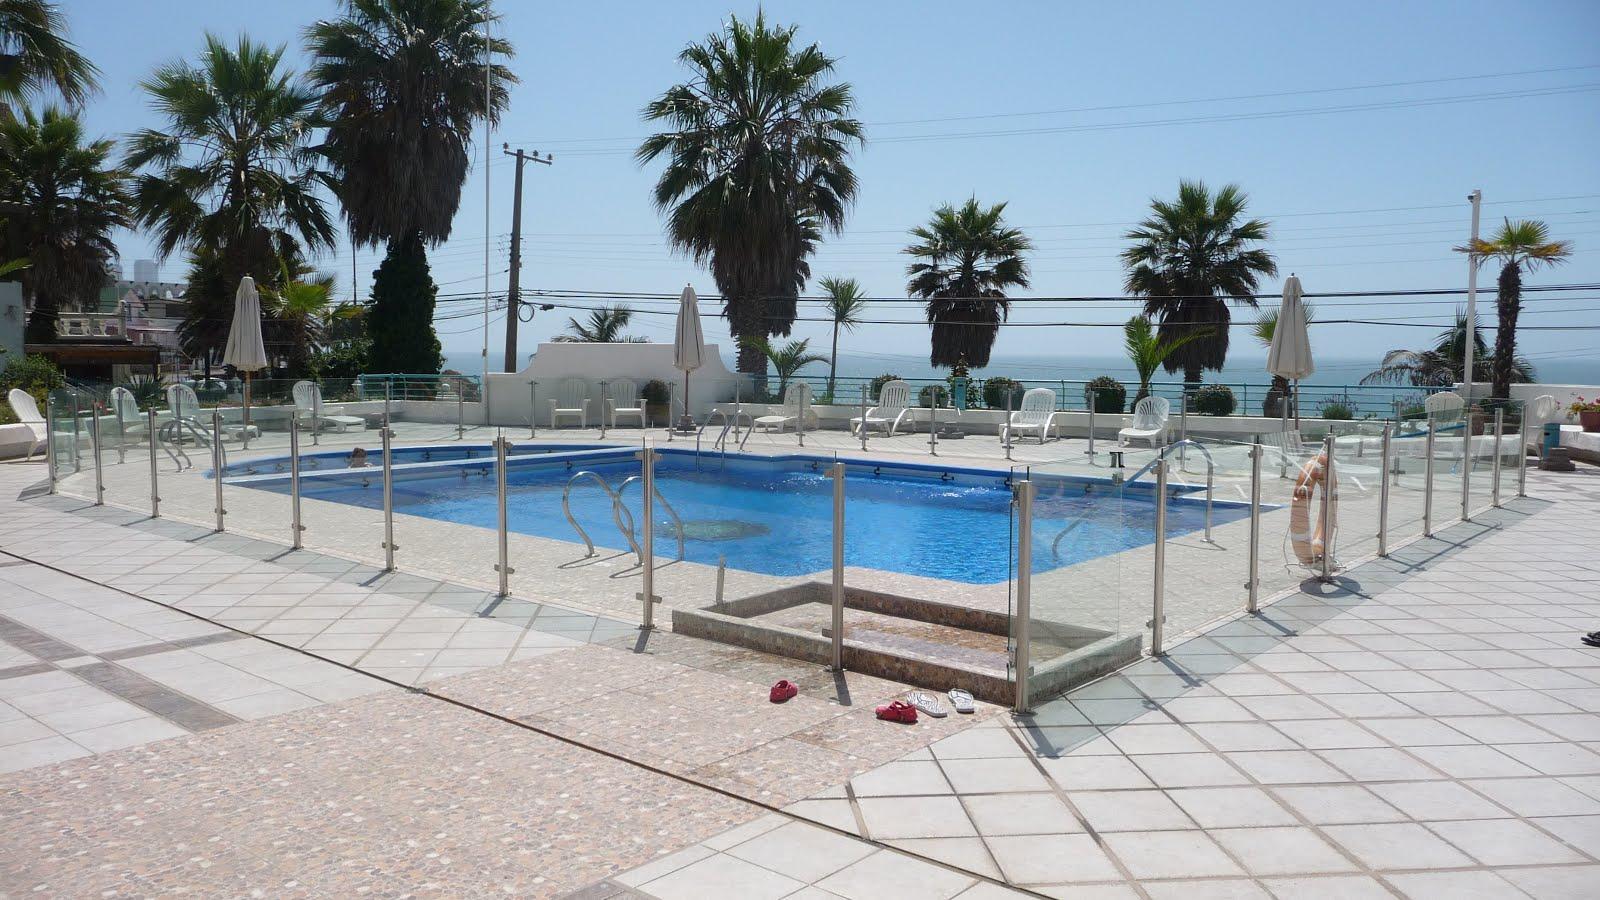 Comunidad edificio playa paraiso concon gracias for Normas de piscina